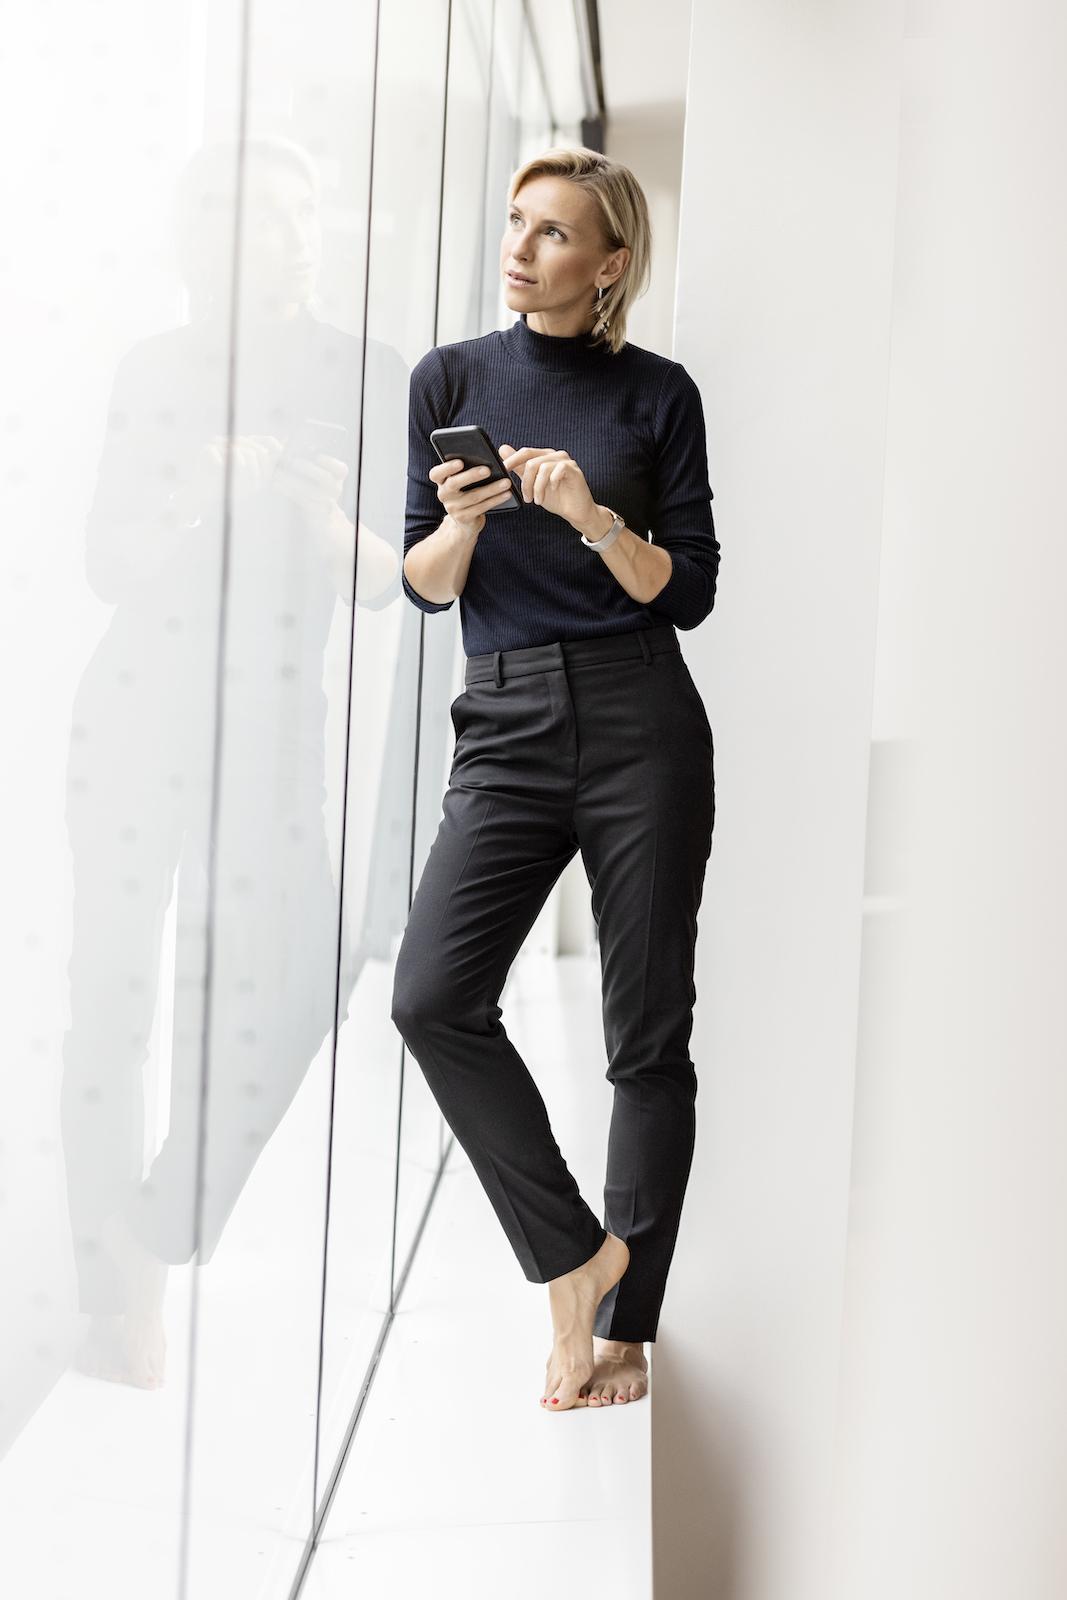 weibliche Führungskraft mit Handy im Office, barfuss und casual